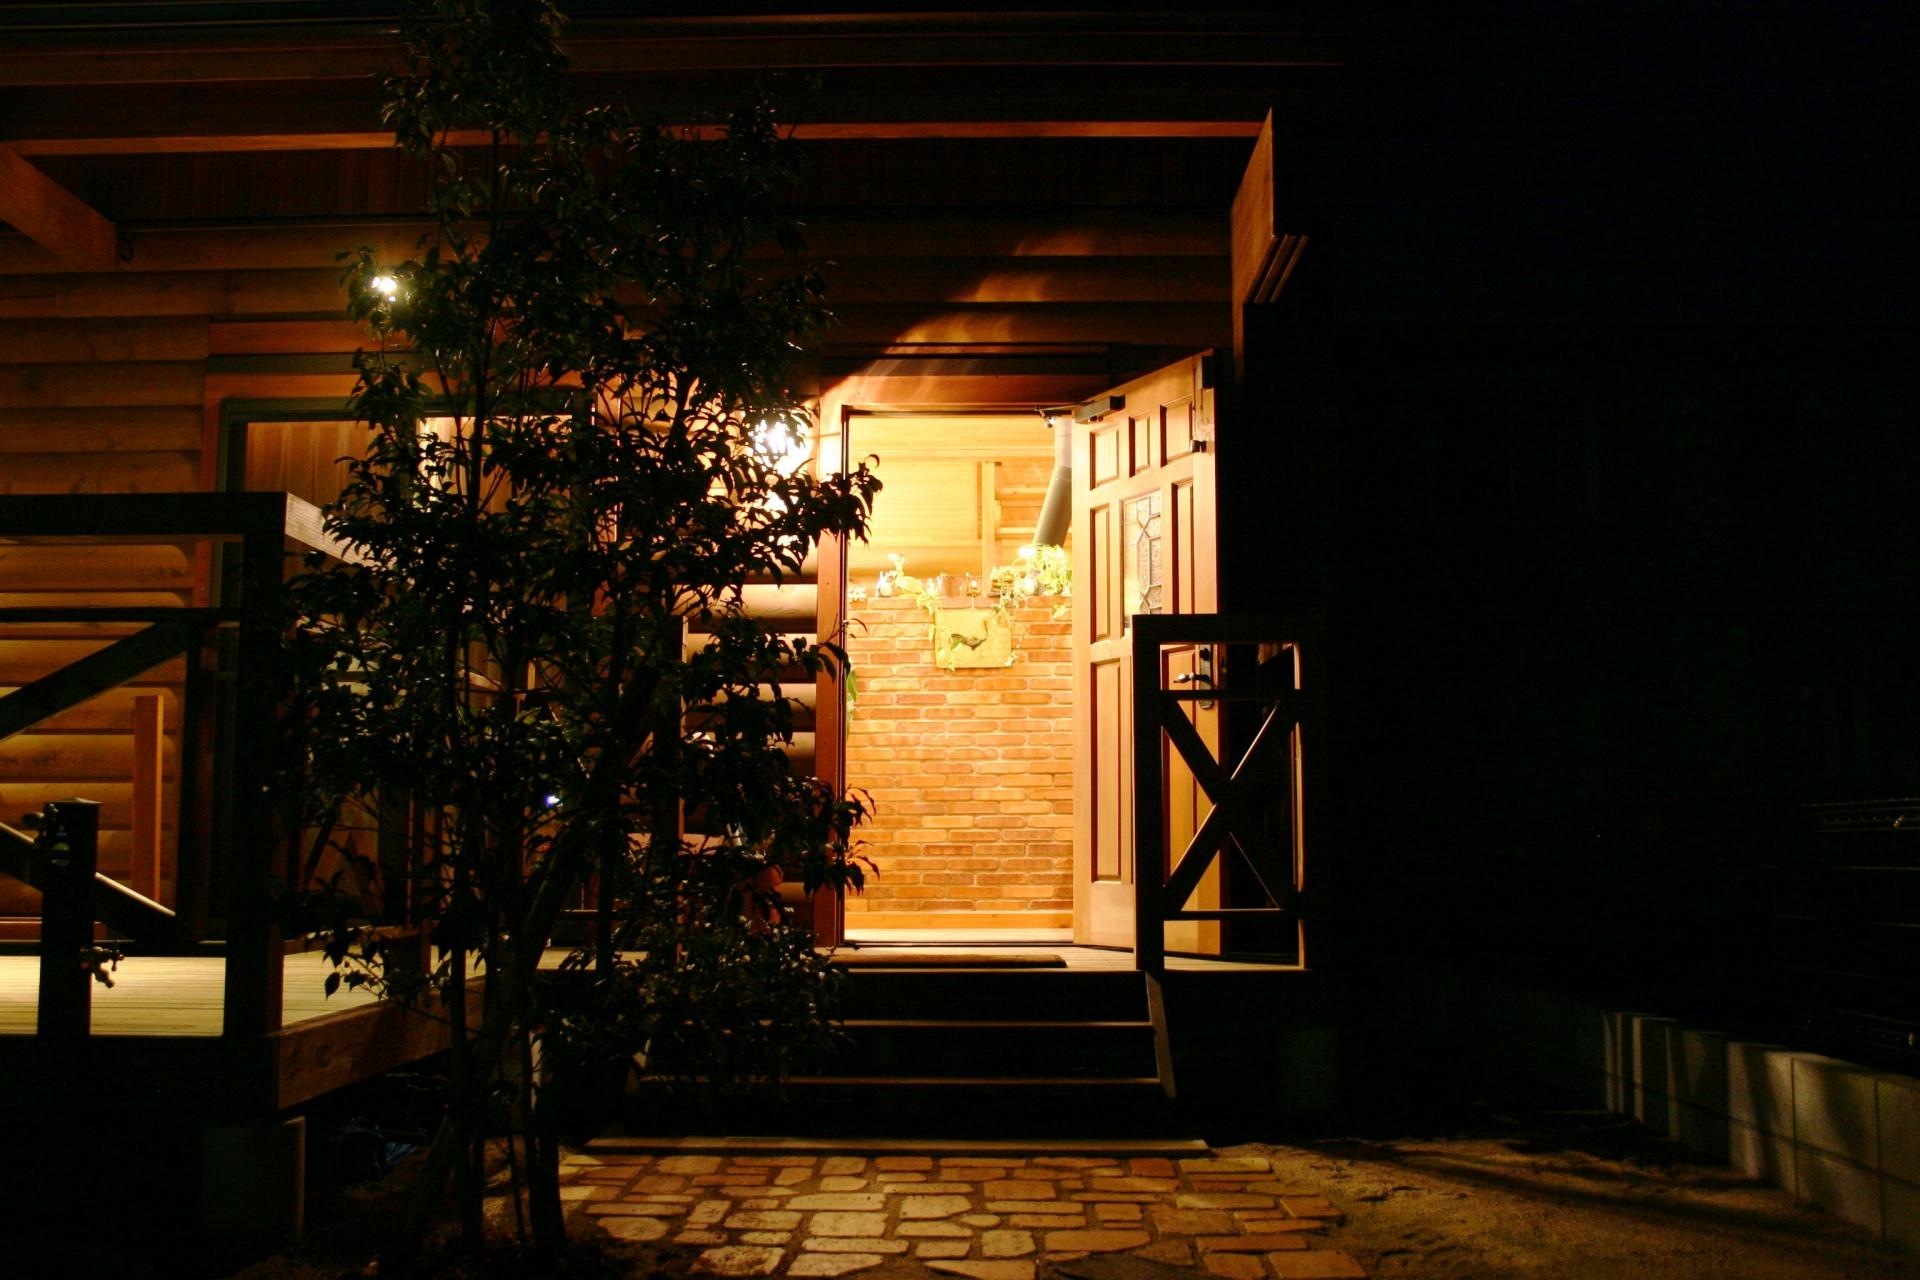 ログハウスのお庭 たつの市P様邸 扉を開けるとレンガウォールに遊び心